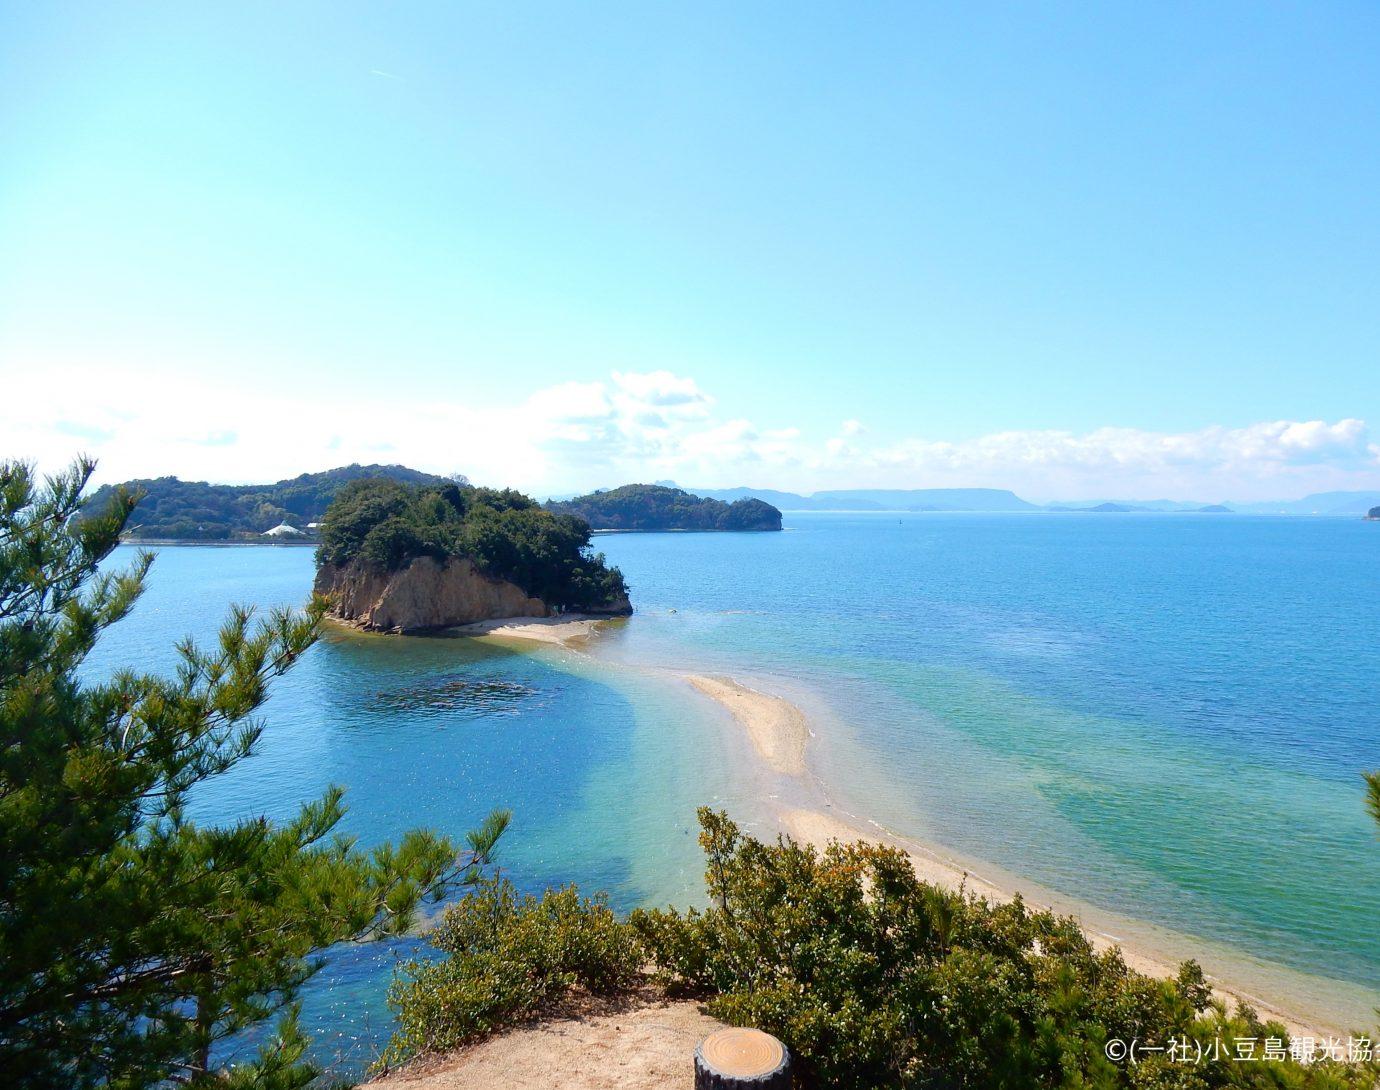 小豆島 オリーブだけじゃない。<br /> 瀬戸内海に浮かぶ、自然や食文化が豊かな、どこか懐かしい島